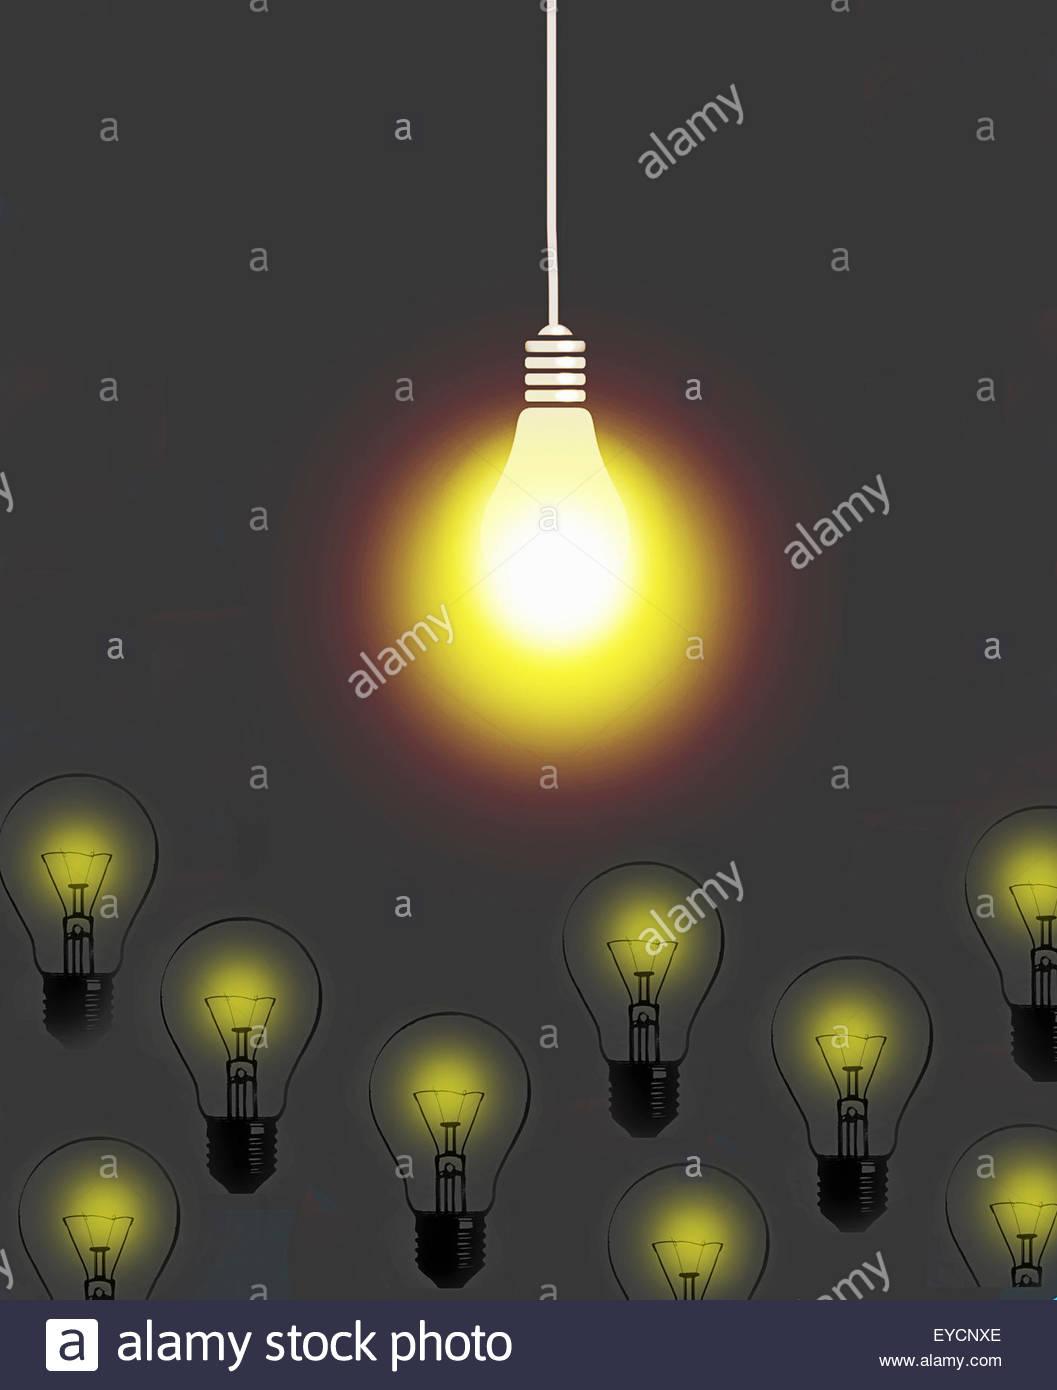 Luce brillante lampadina sopra brillante luce fioca delle lampadine Immagini Stock